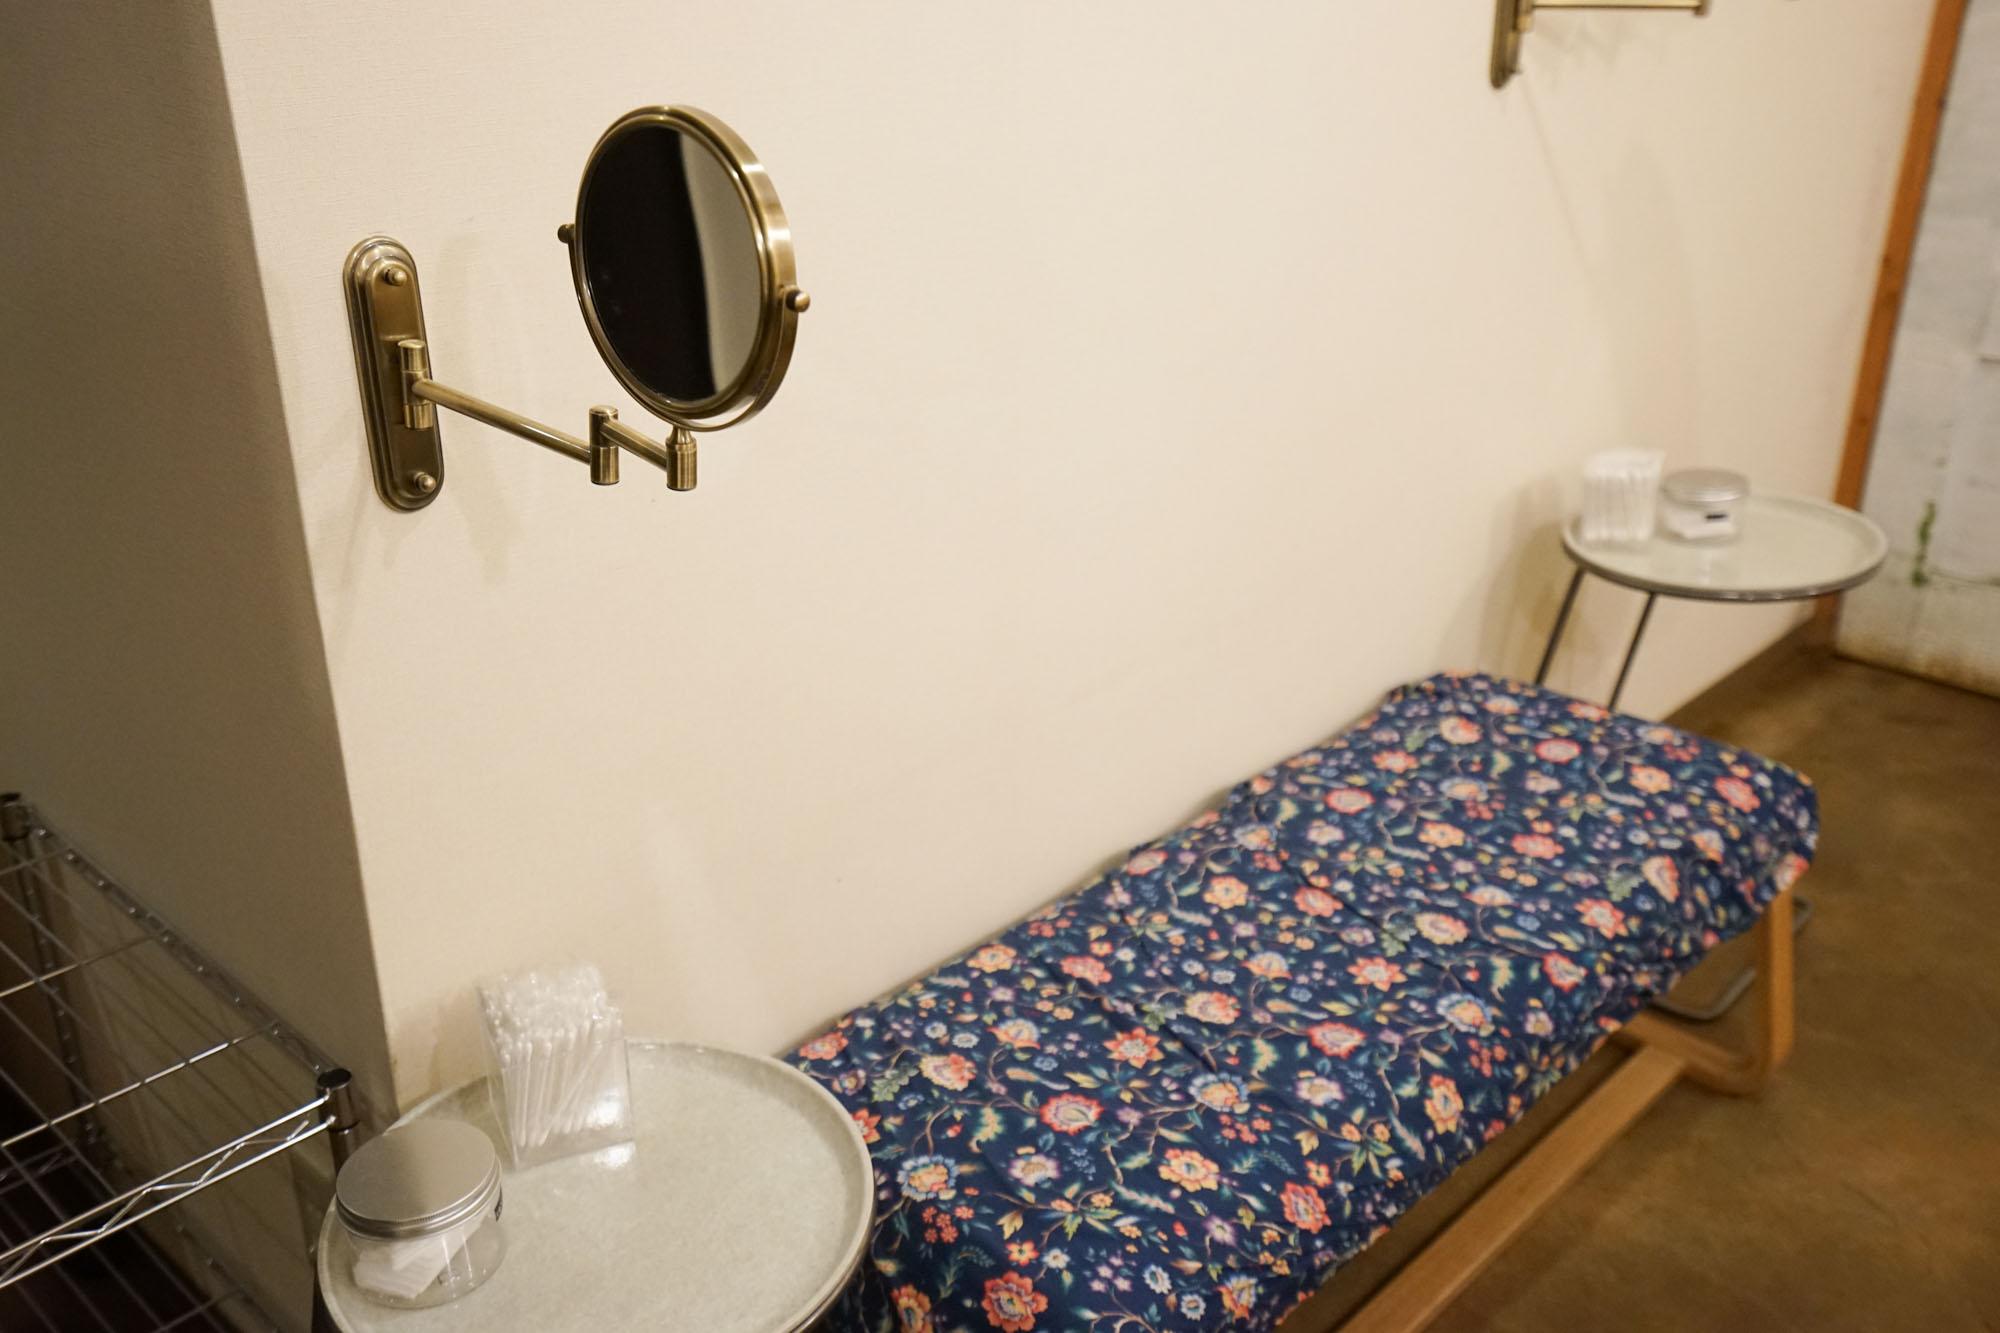 女性用のバスルームには、メイクの際に使えそうなベンチがあって、コットン、綿棒が備え付けられていました。